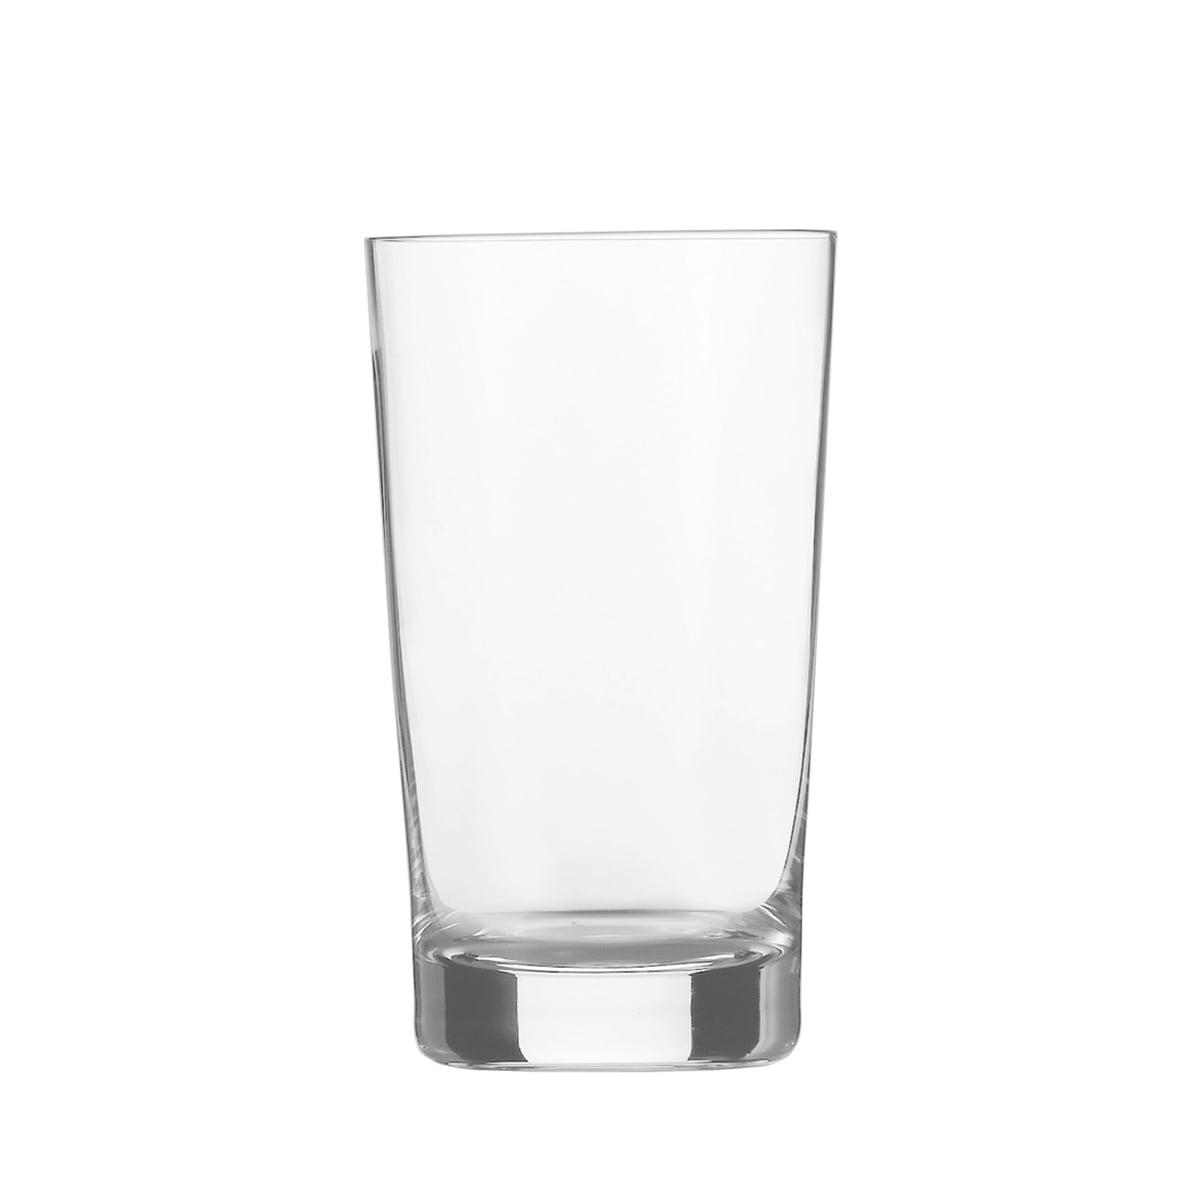 Zwiesel Kristallglas AG Schott Zwiesel - Basic Bar Selection, Allround Trinkglas   Küche und Esszimmer > Besteck und Geschirr > Gläser   Transparent   Zwiesel Kristallglas AG